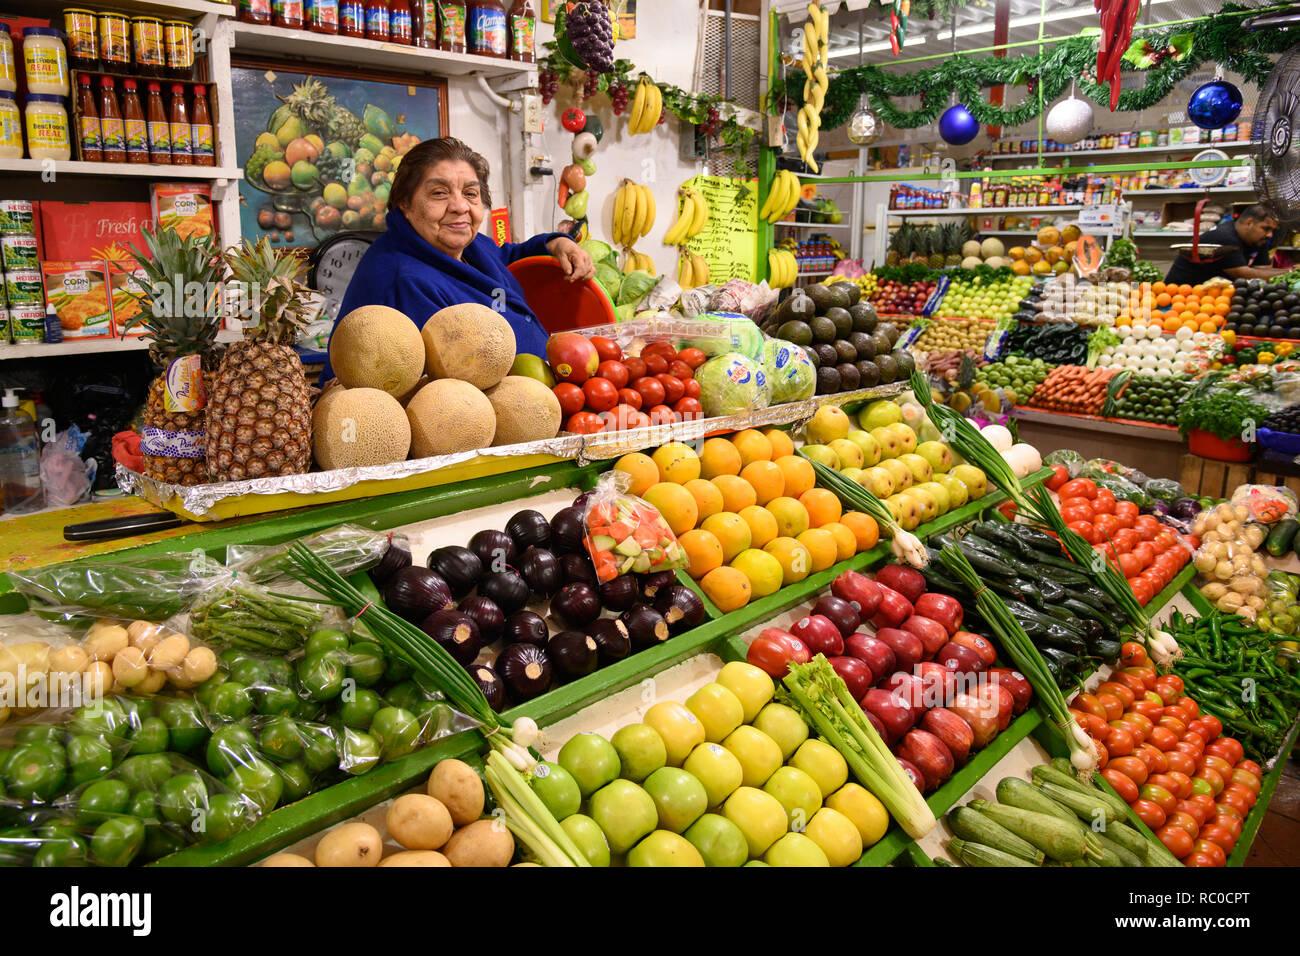 Food Vendors California Stock Photos & Food Vendors California Stock